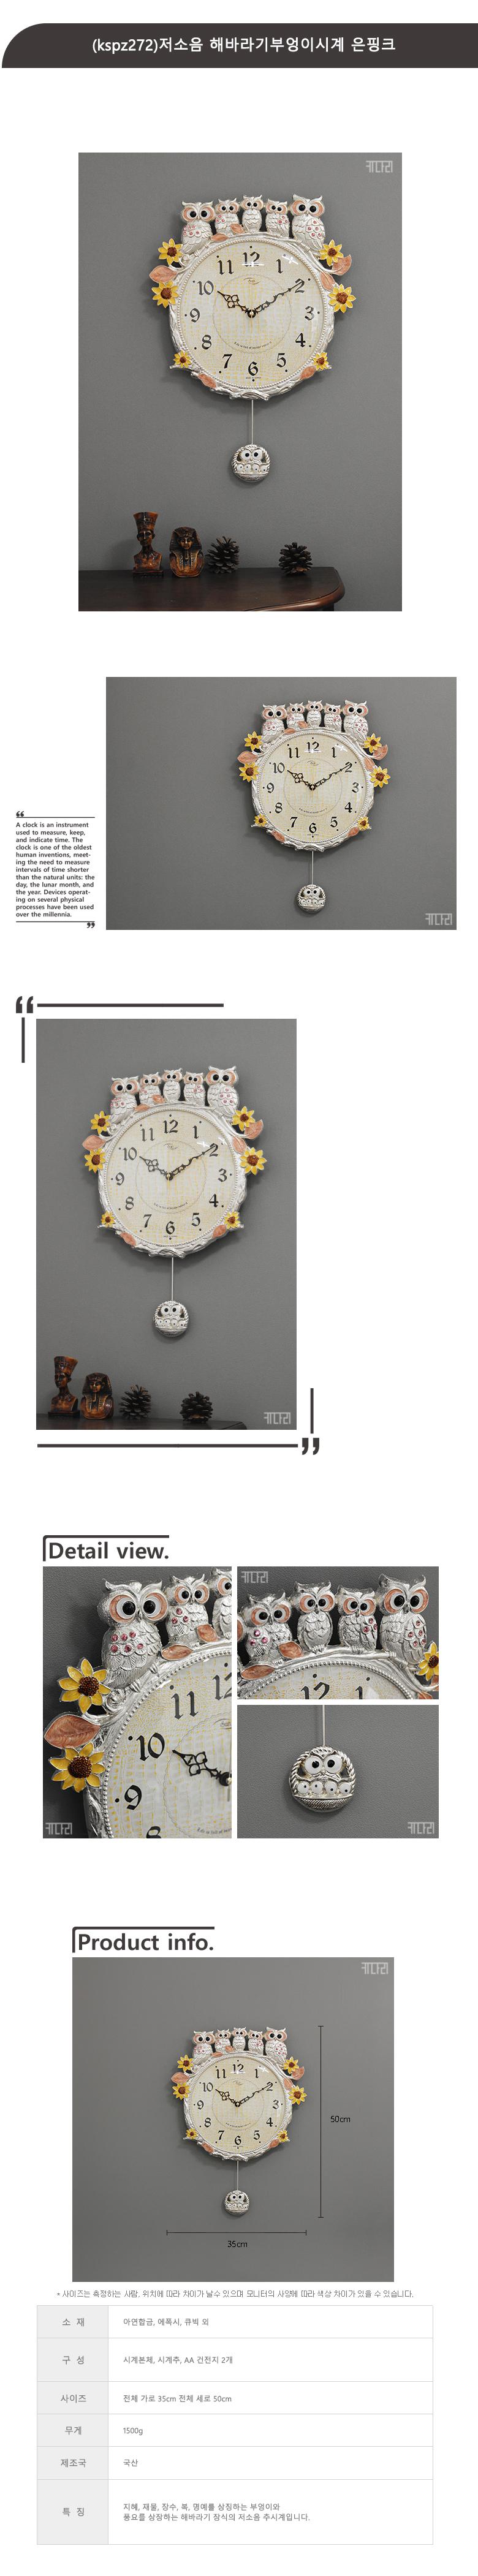 (kspz272)저소음 해바라기부엉이시계 은핑크 - 키다리, 92,000원, 벽시계, 추벽시계